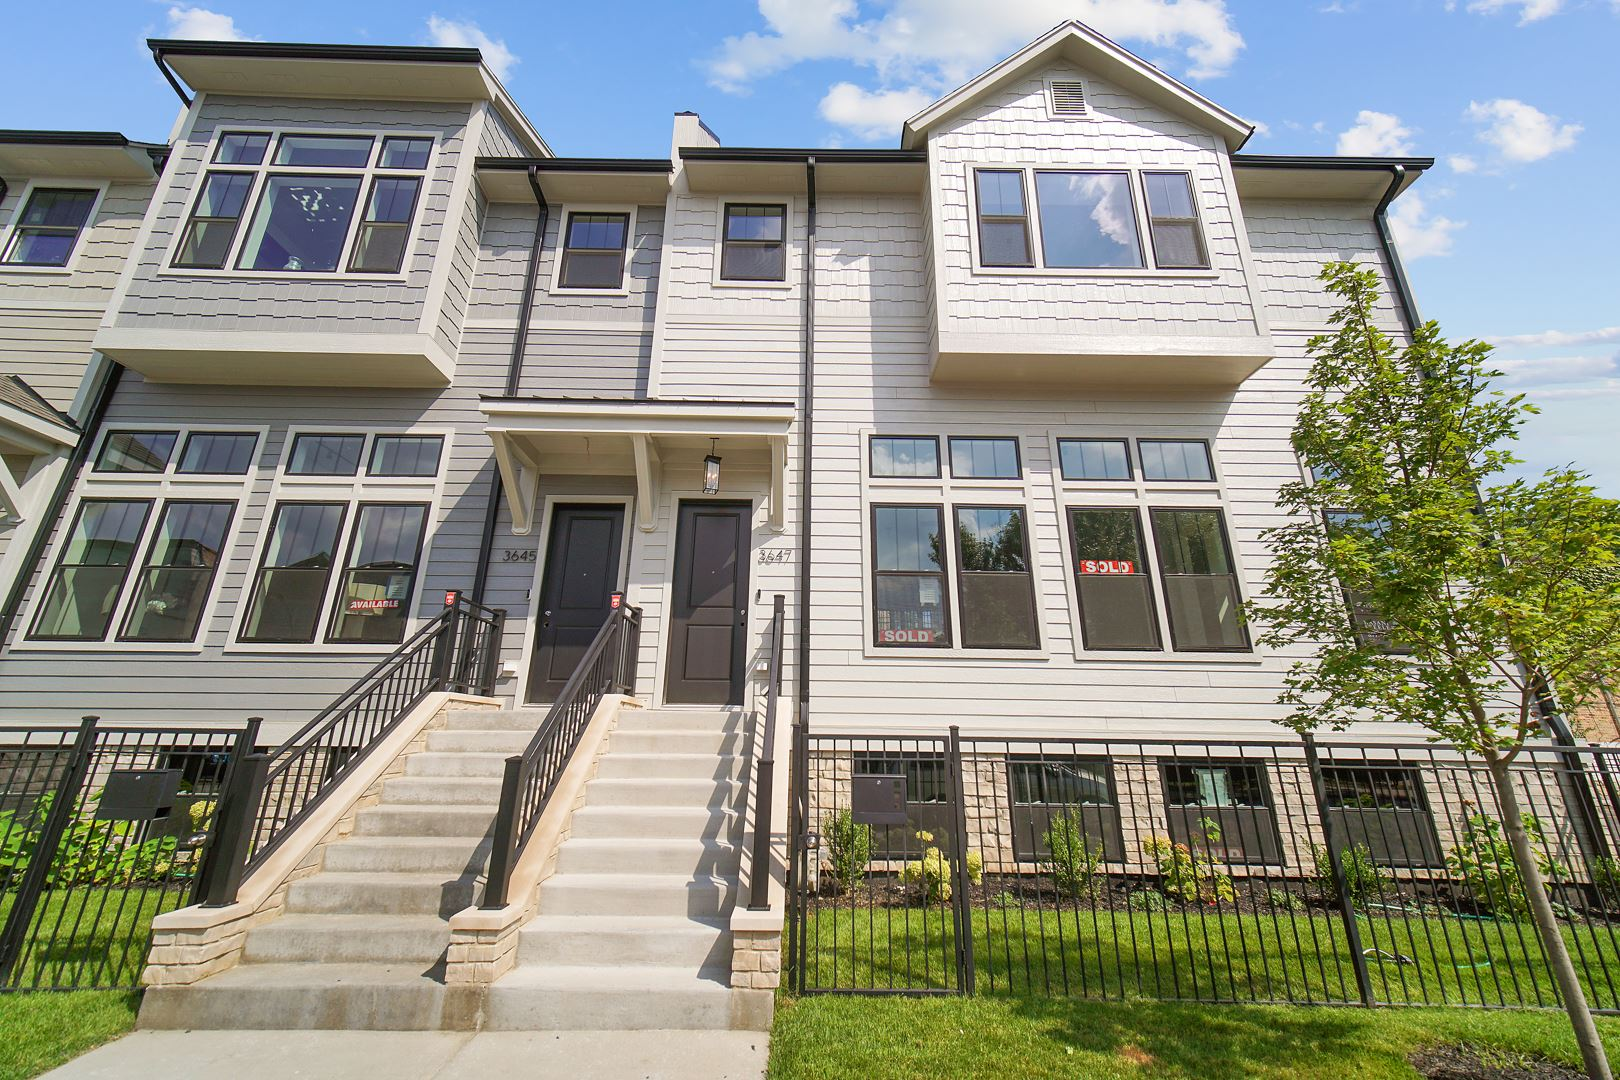 3643 S Calumet Avenue, Chicago, IL 60653 - #: 11214392